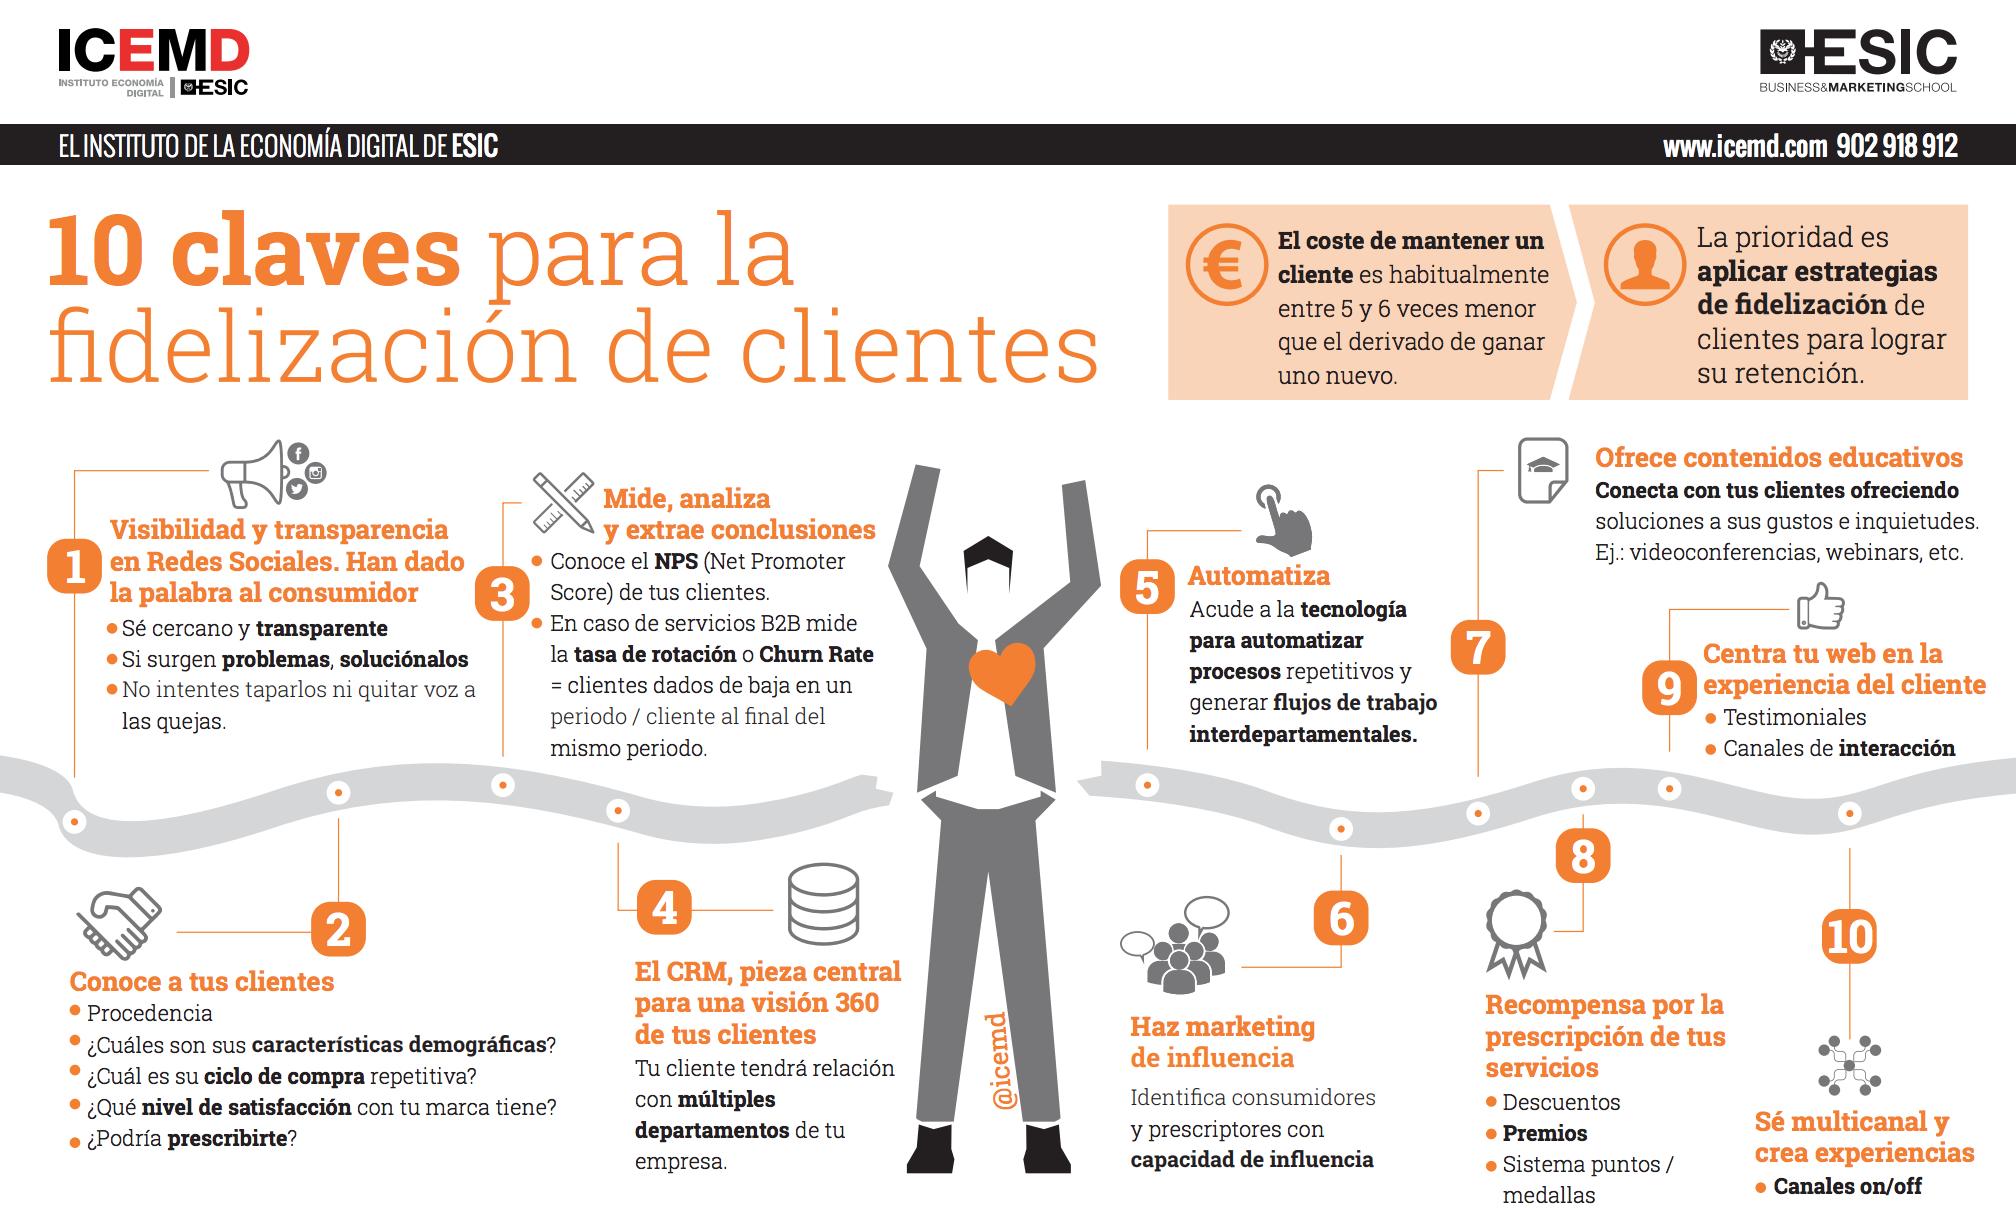 Fidelización de Clientes. El análisis de la retención estratégica en los negocios.